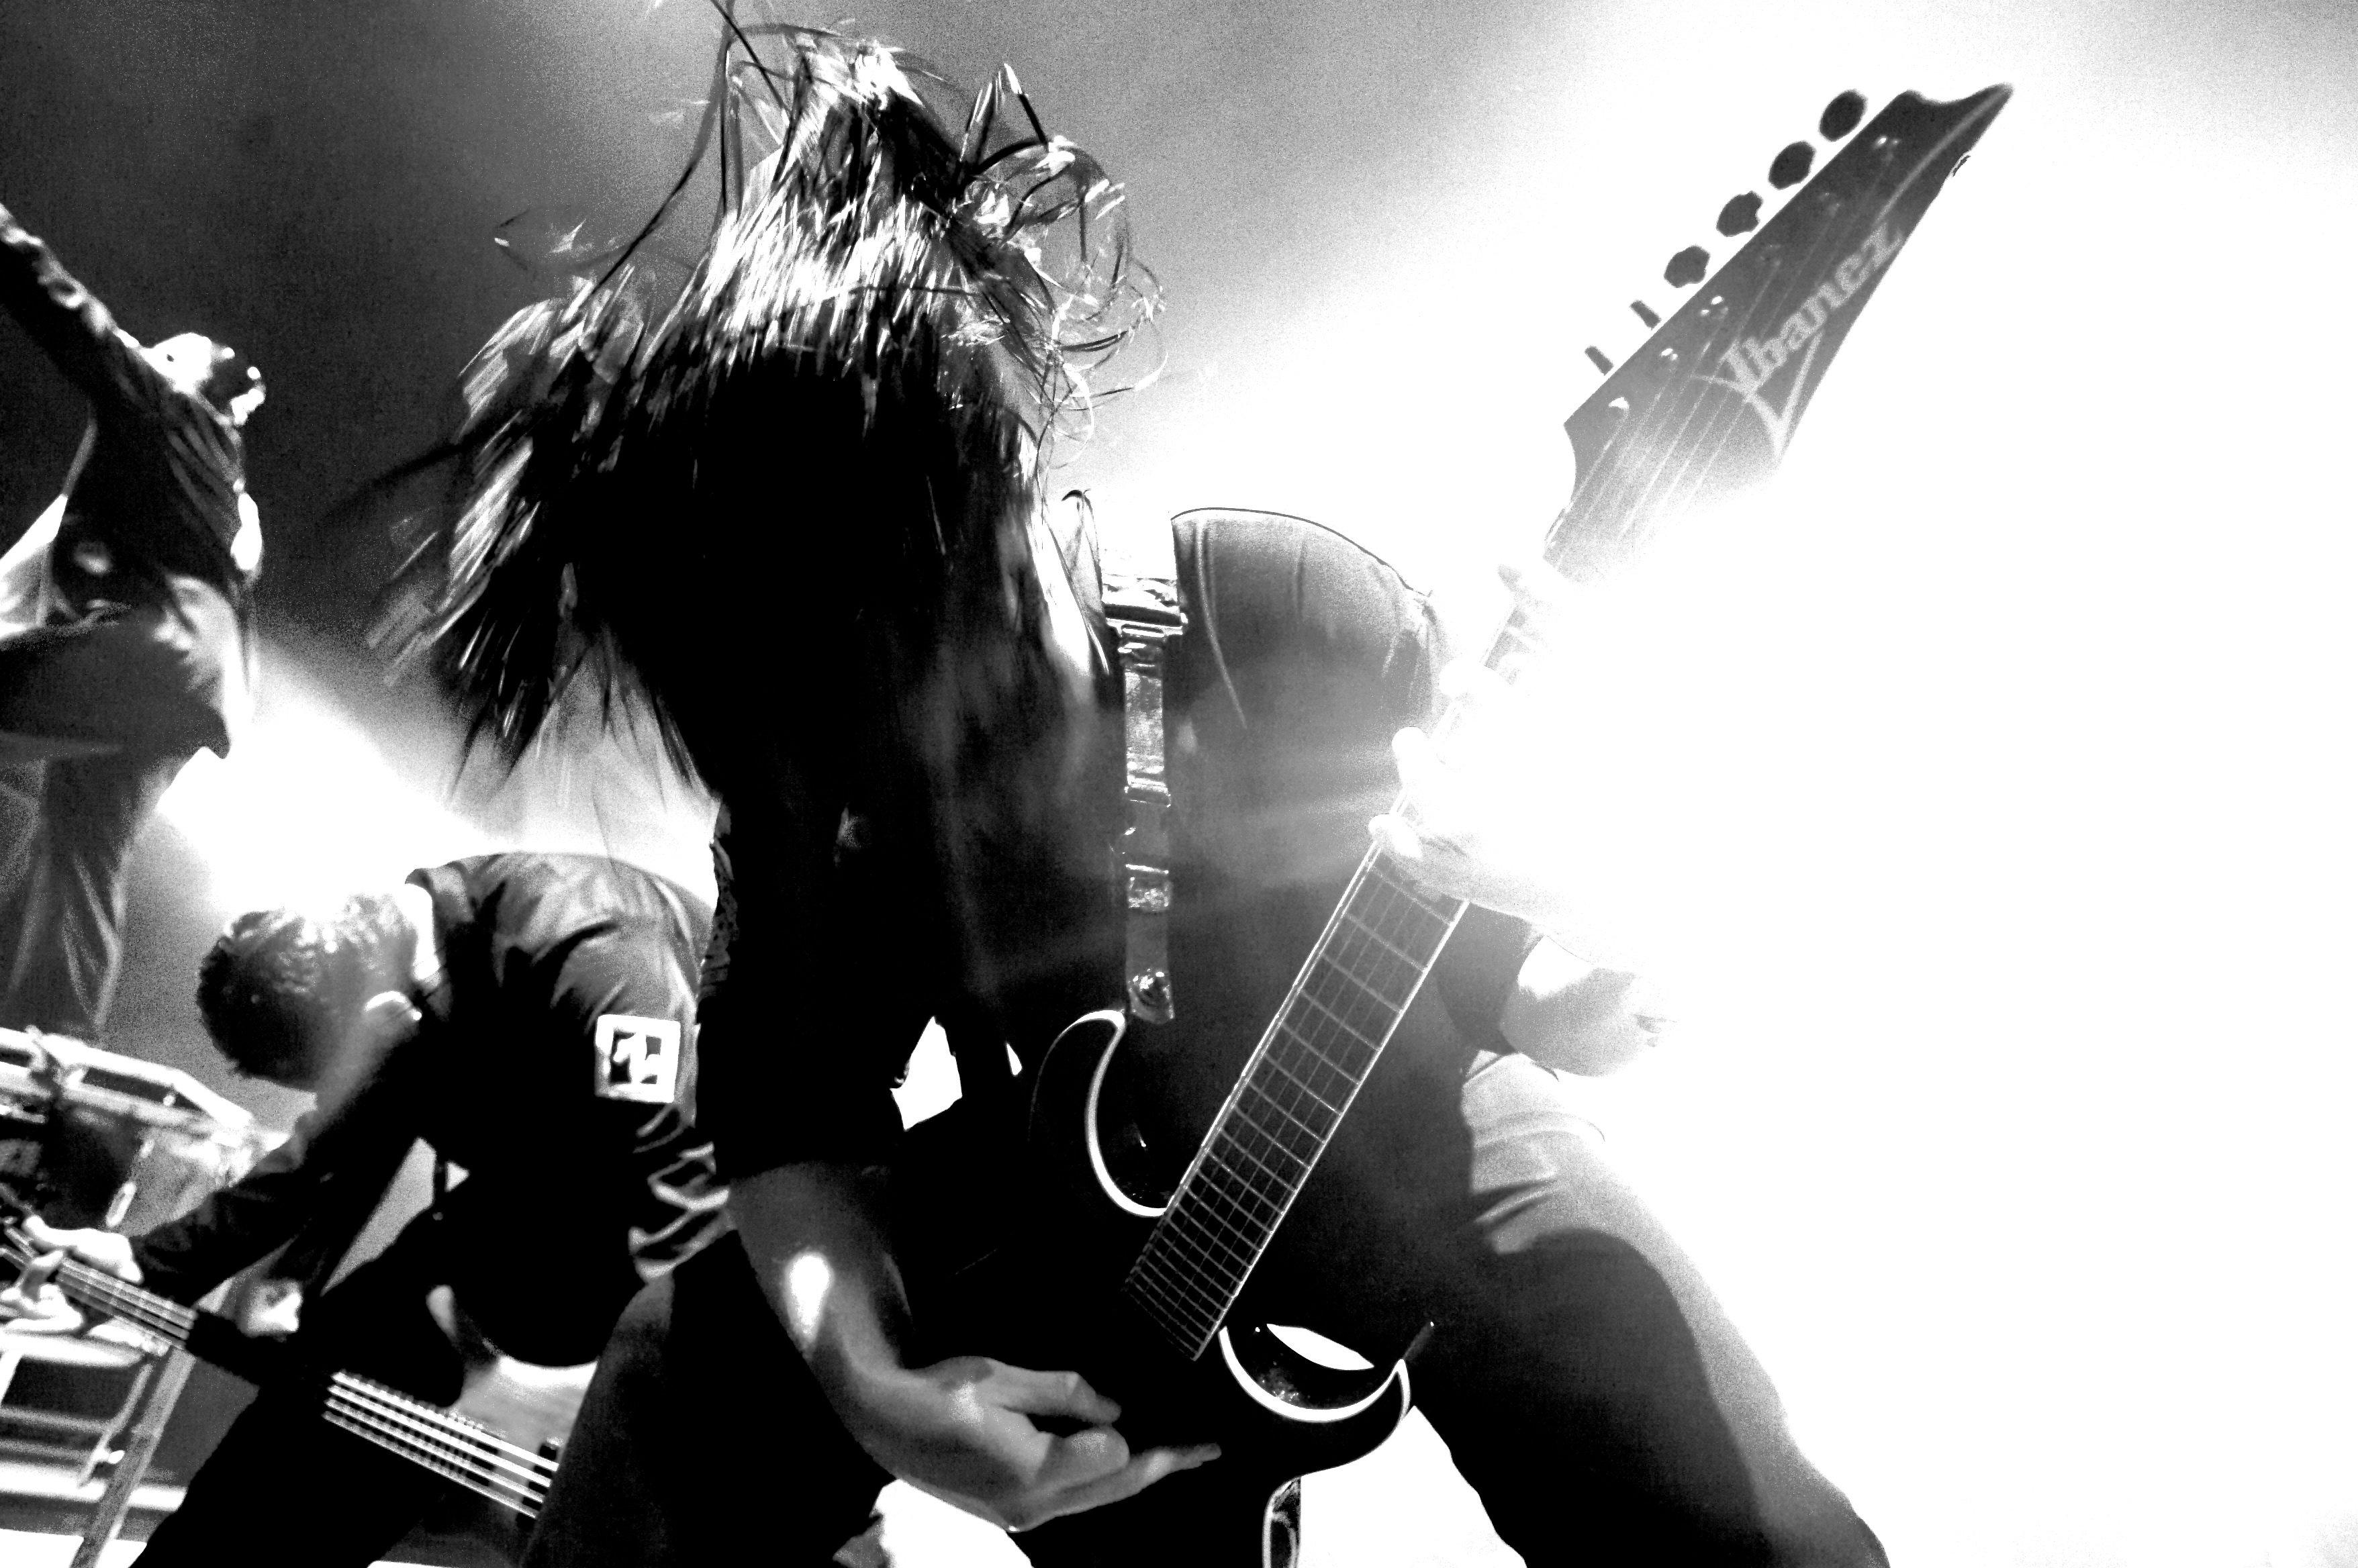 Slipknot Nu Metal Groove Metal Heavy Guitar Concert Wallpaper 3512x2336 506780 Wallpaperup